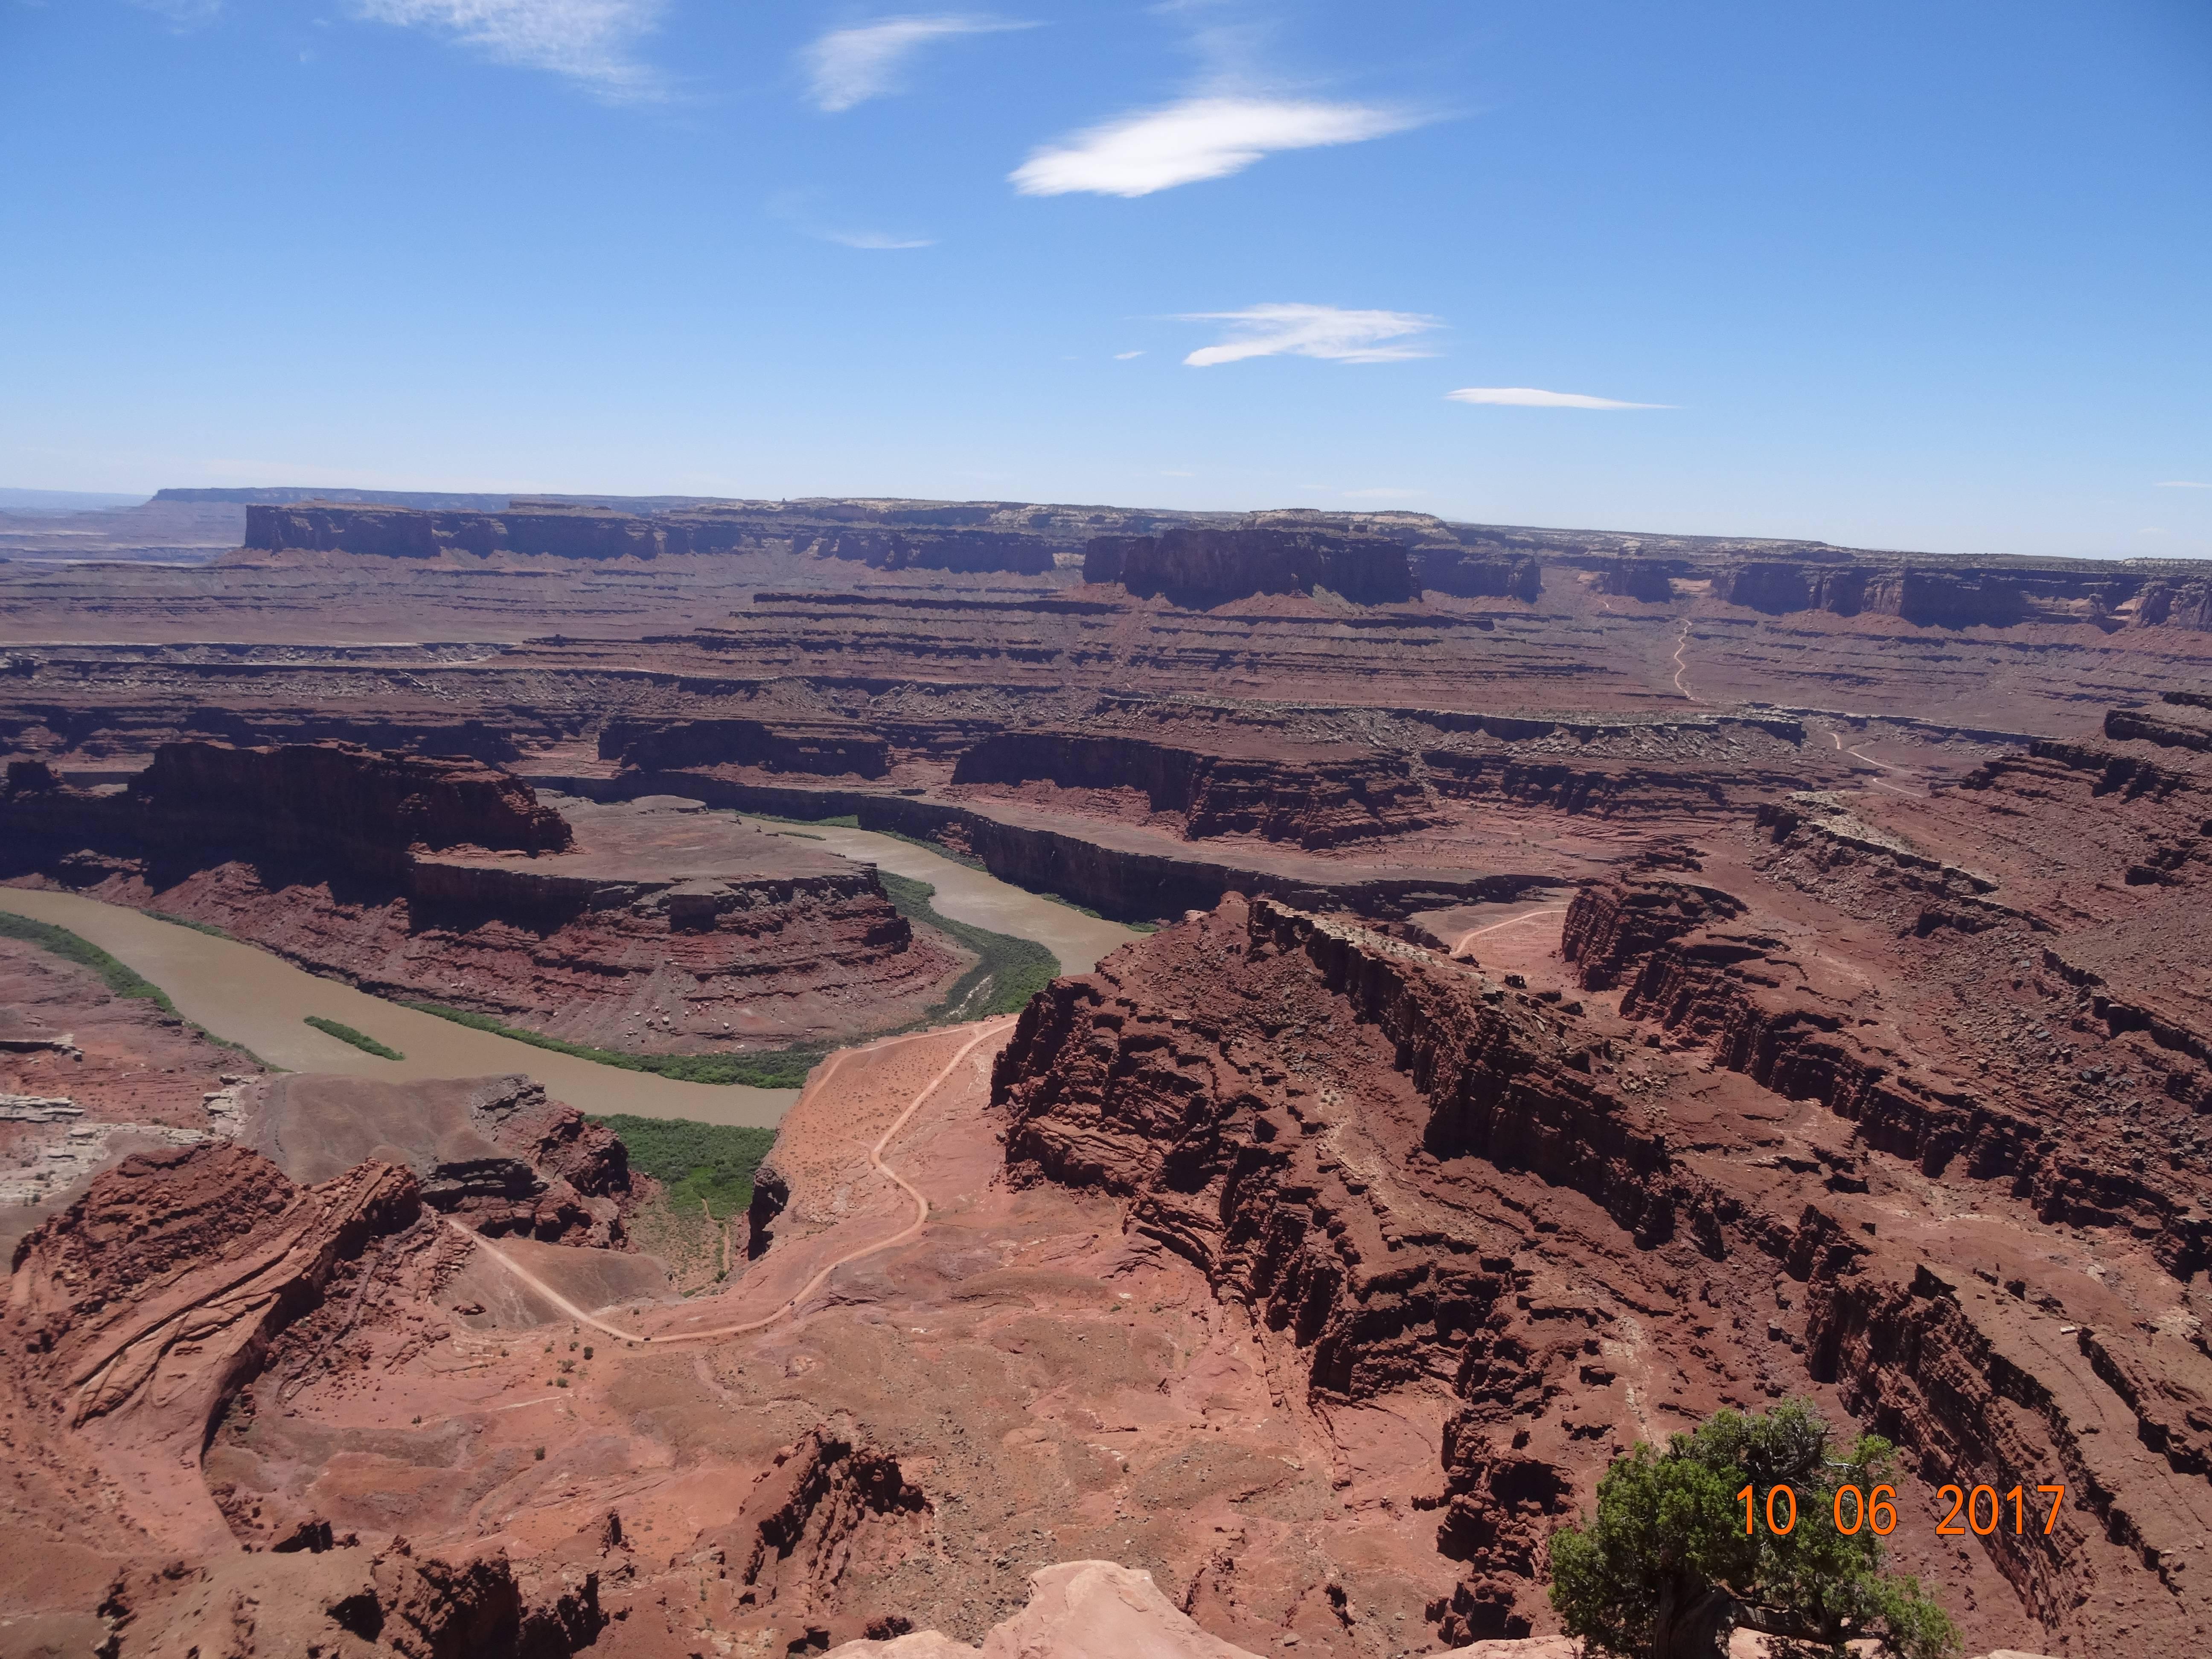 Photo 1: Dead Horse Point , Canyonlands National Park et encore une belle balade....